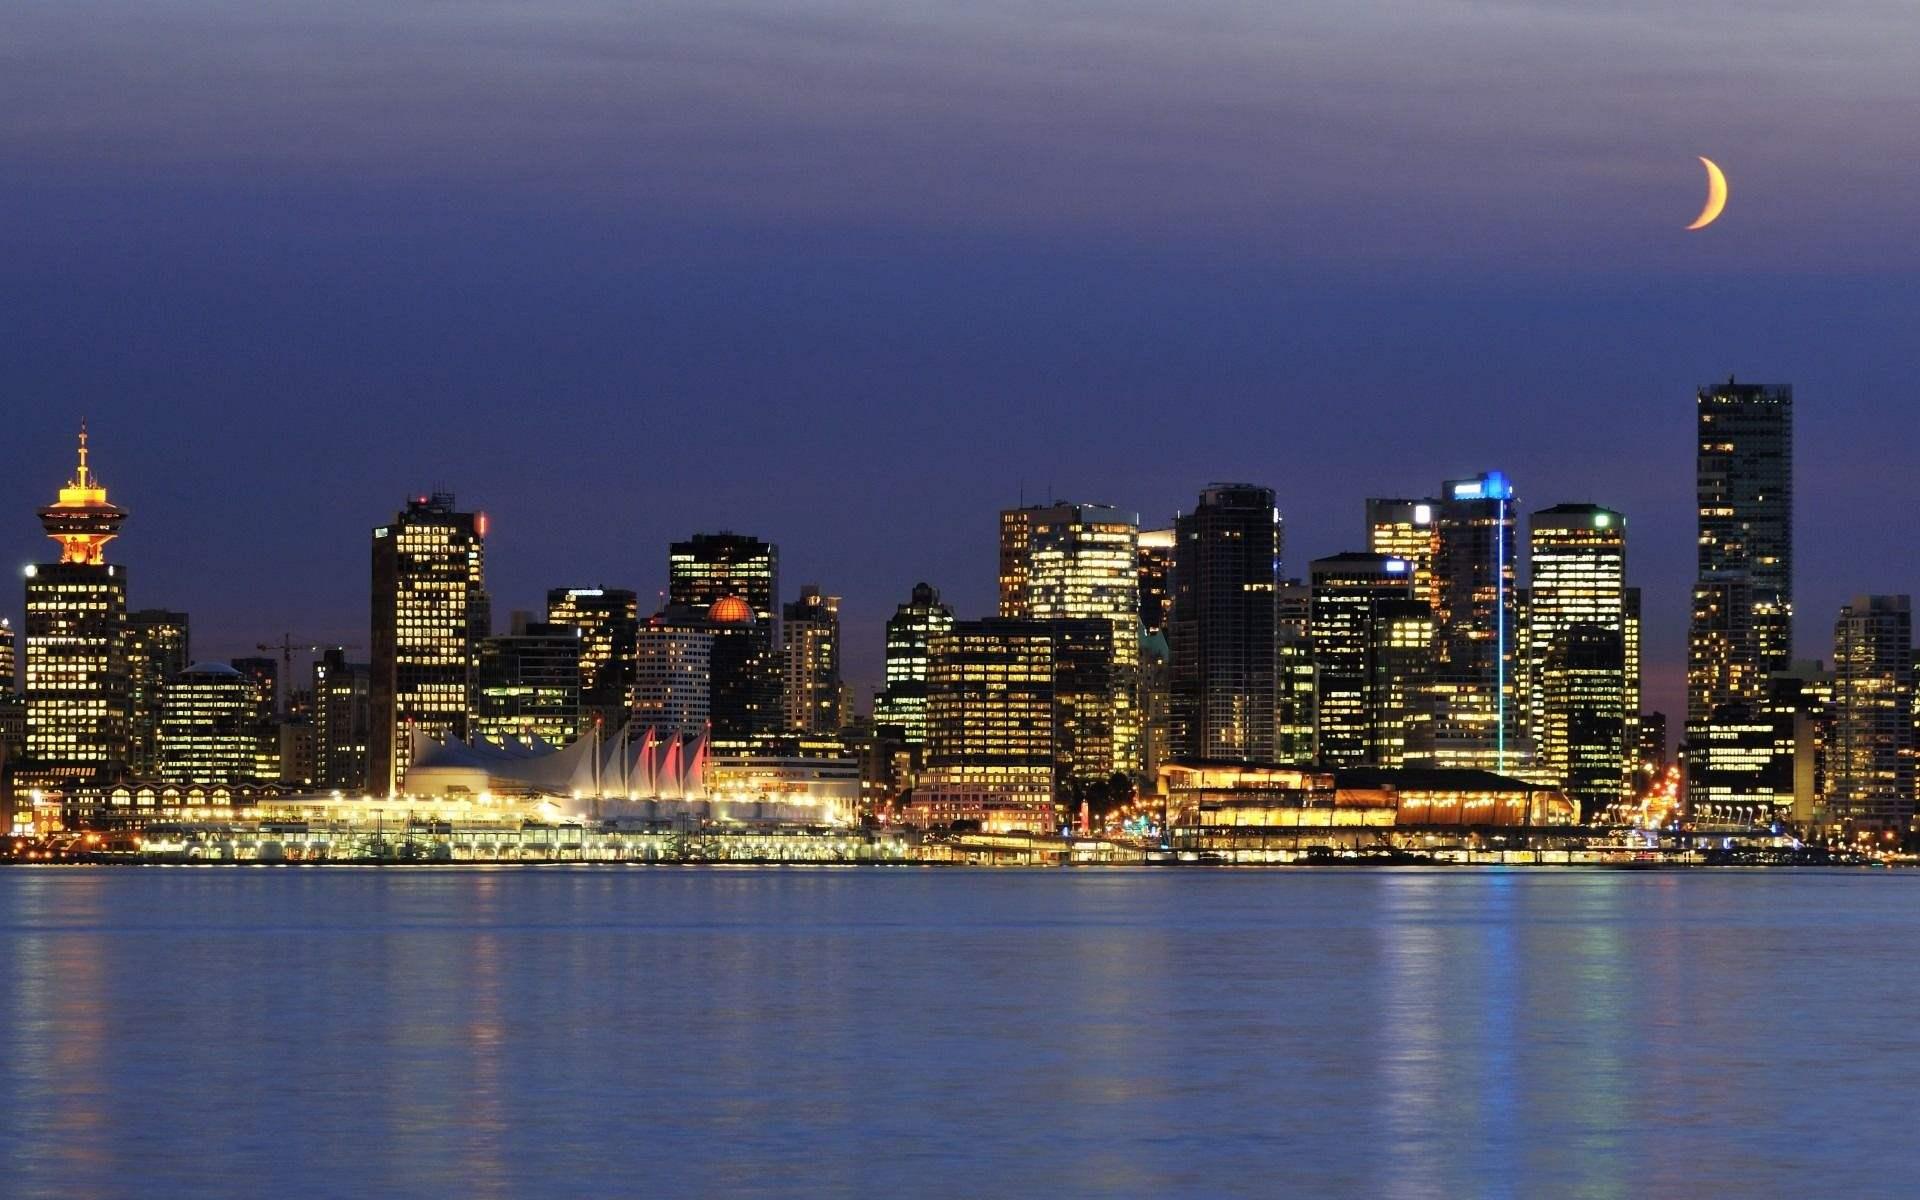 房价高涨被迫搬迁 加拿大温哥华华裔吁政府重视